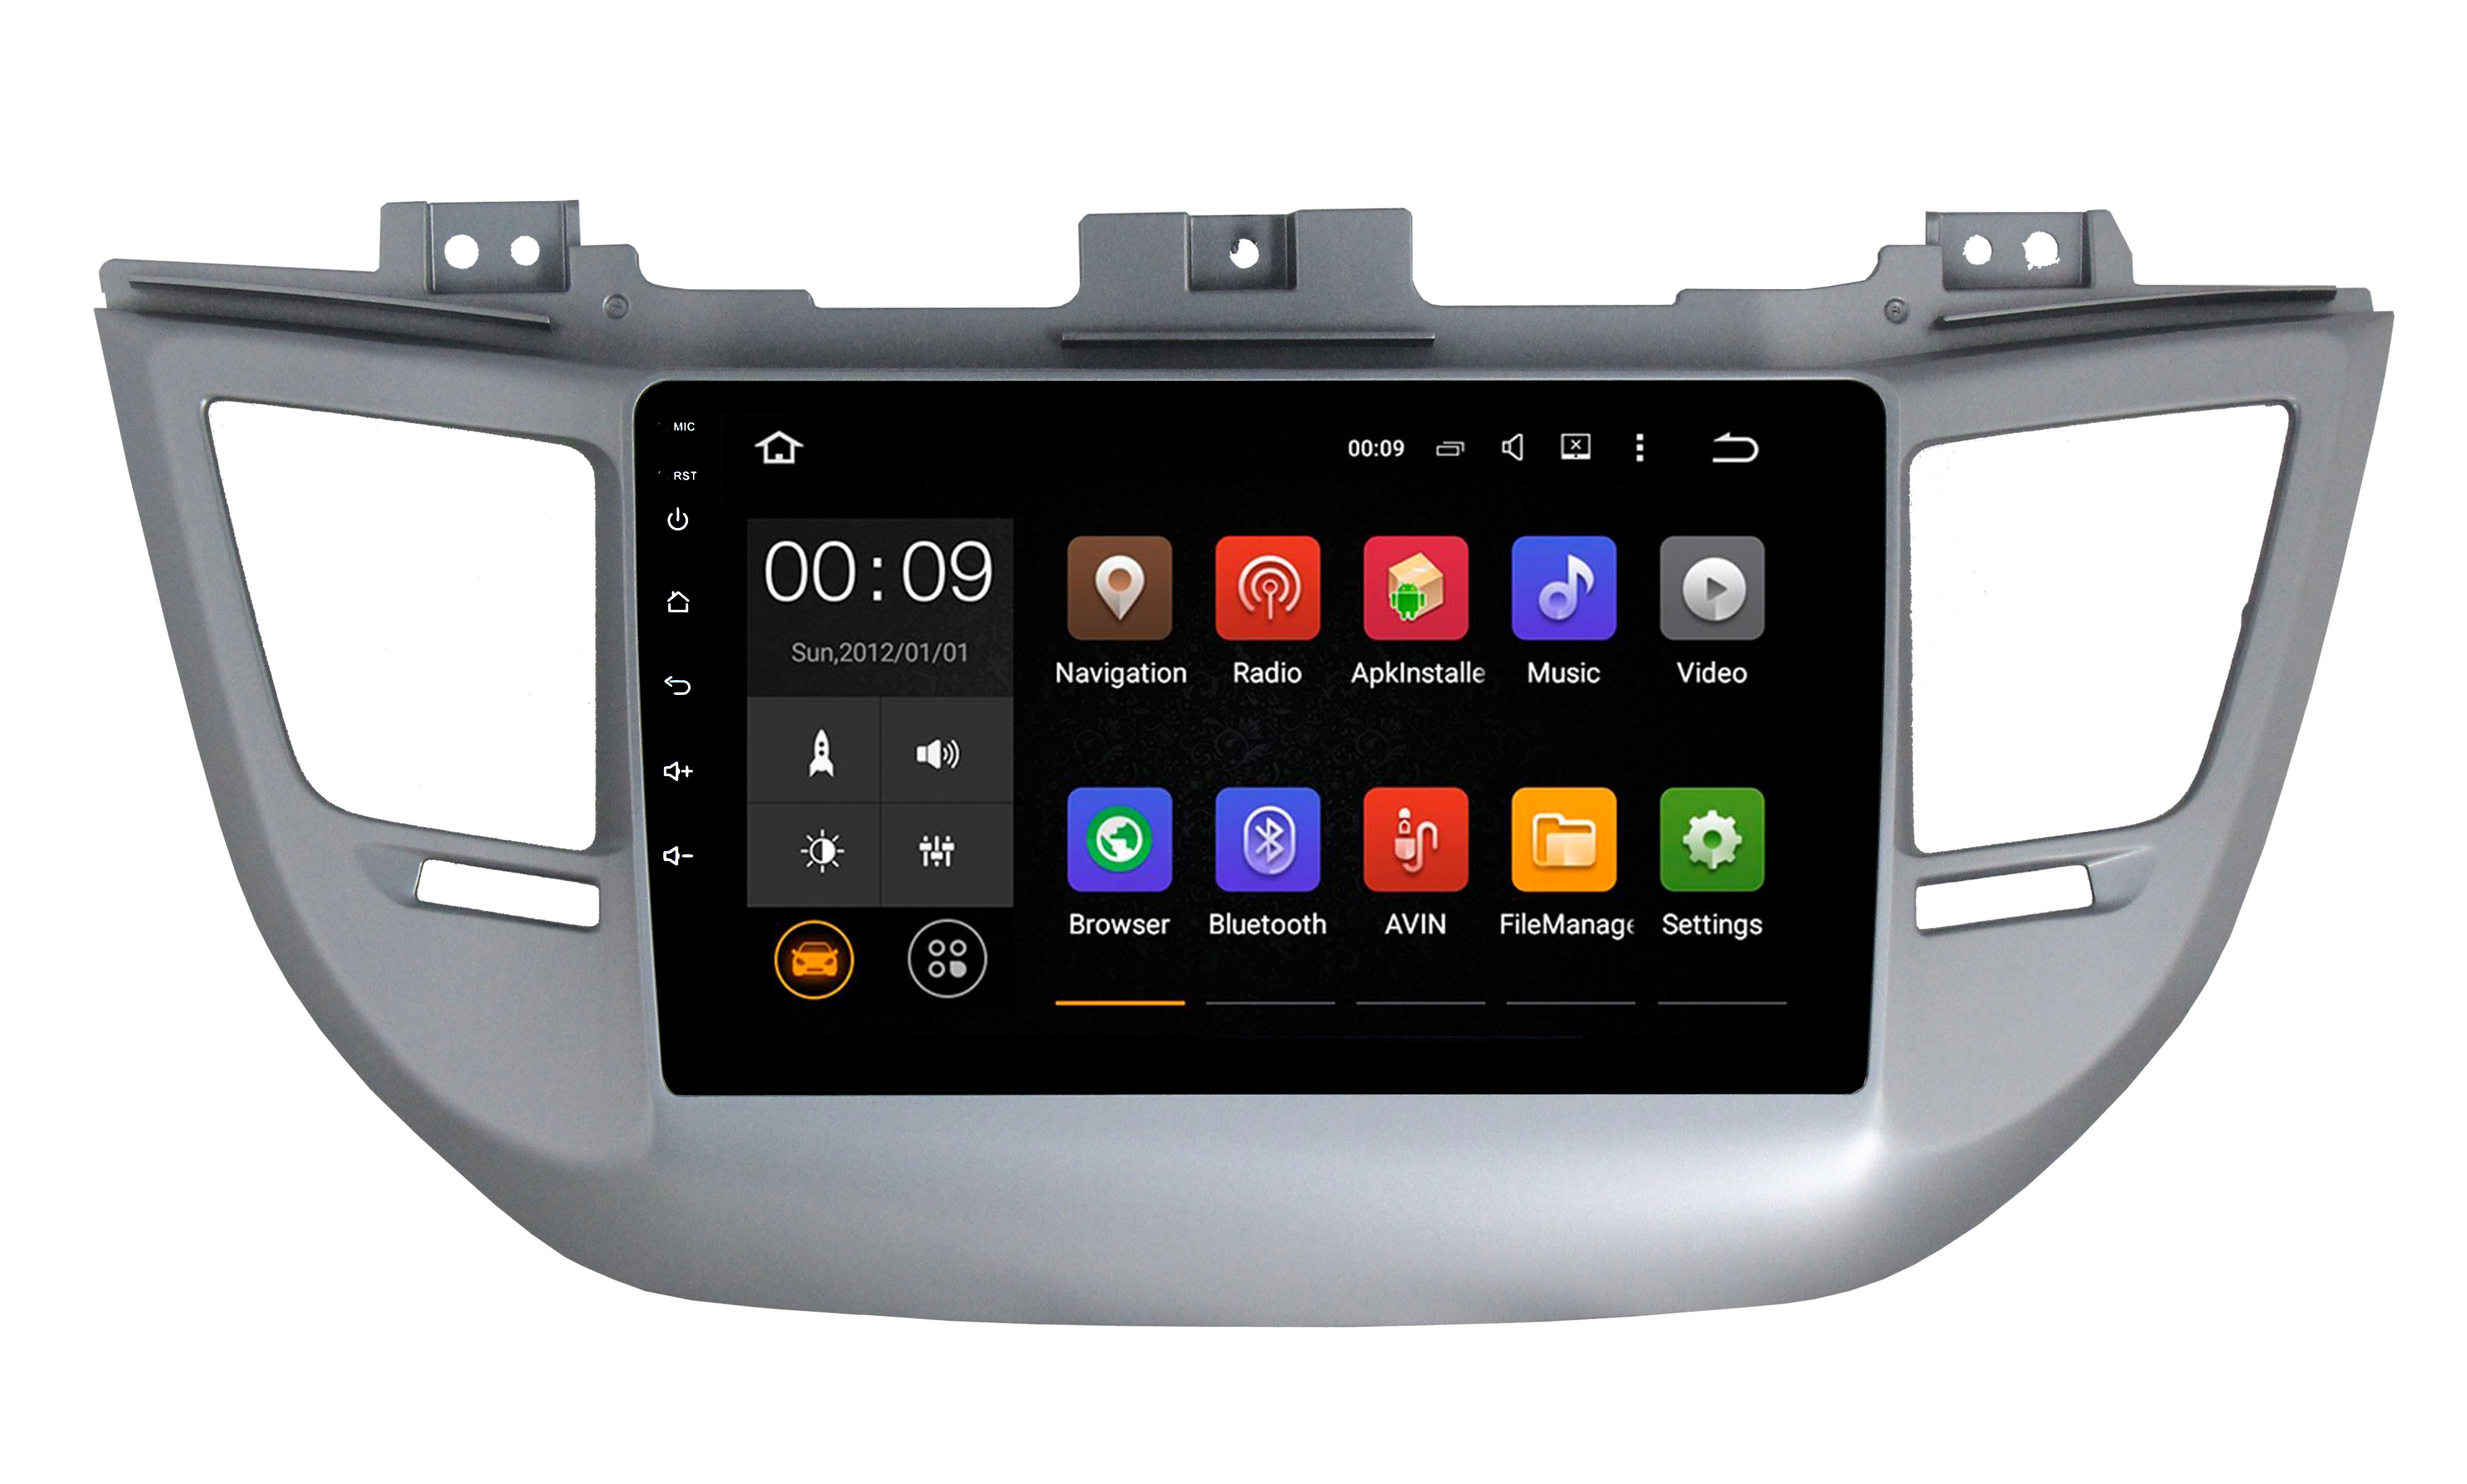 Штатная магнитола Roximo 4G RX-2013-N18 для Hyundai Tucson 2018+ (+ Камера заднего вида в подарок!)